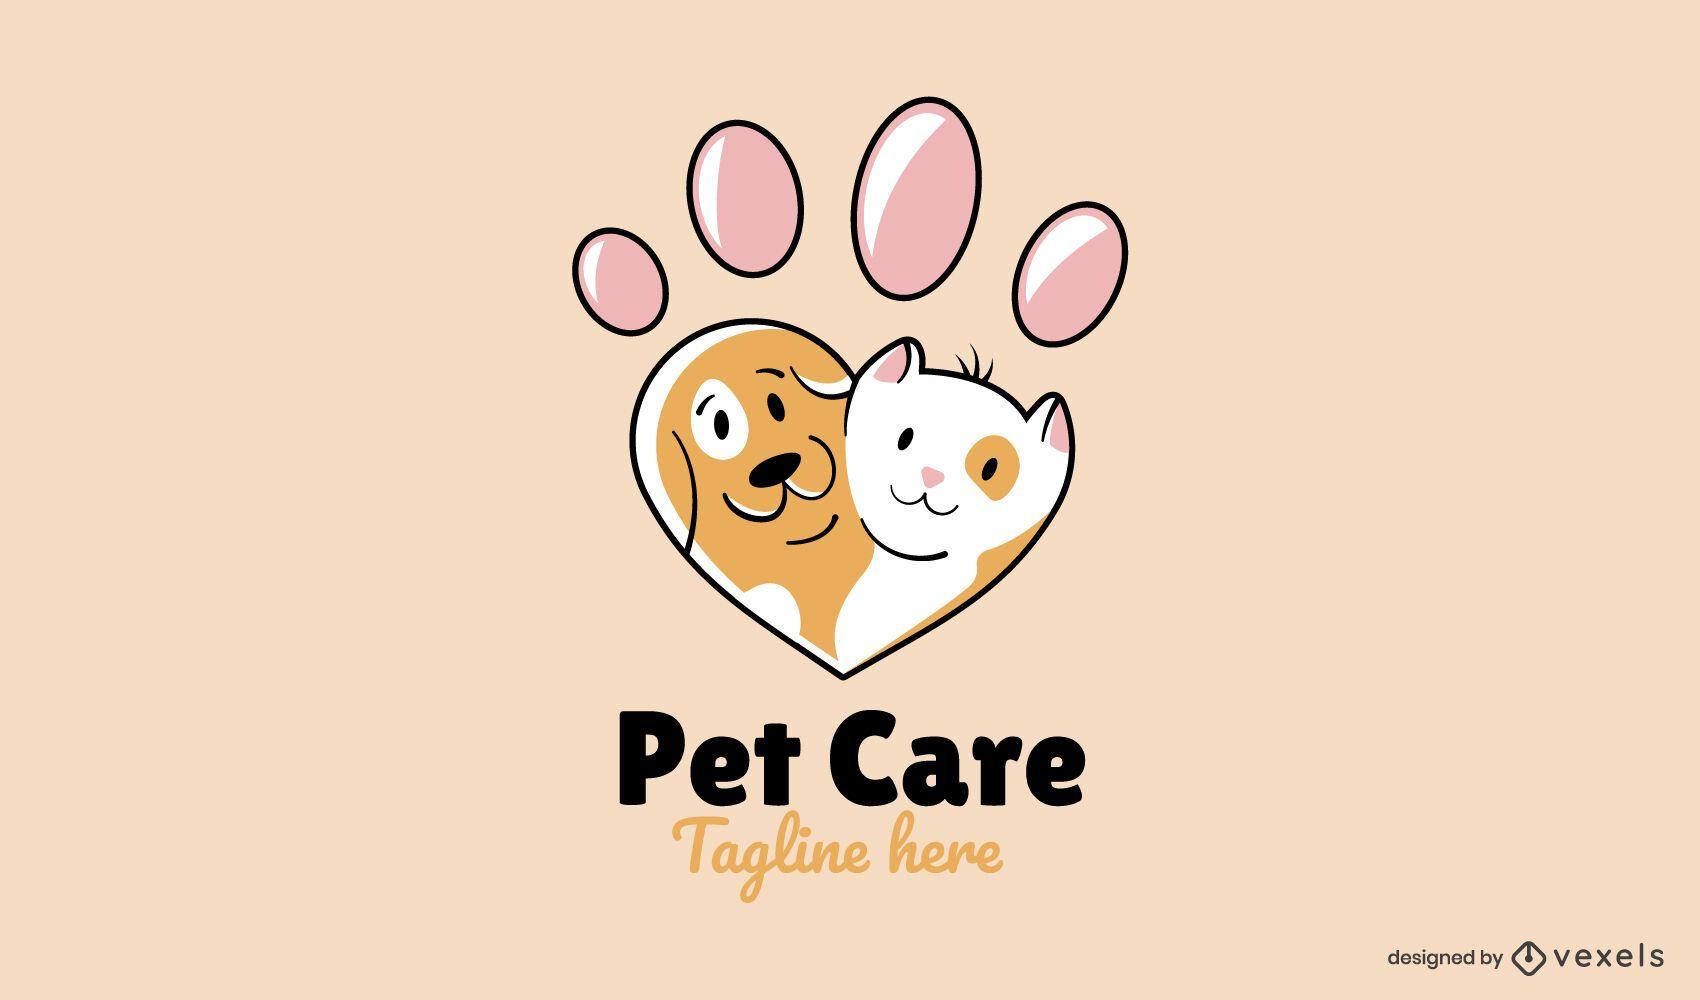 Katze und Hund niedliches Pfotenherz-Logo-Design